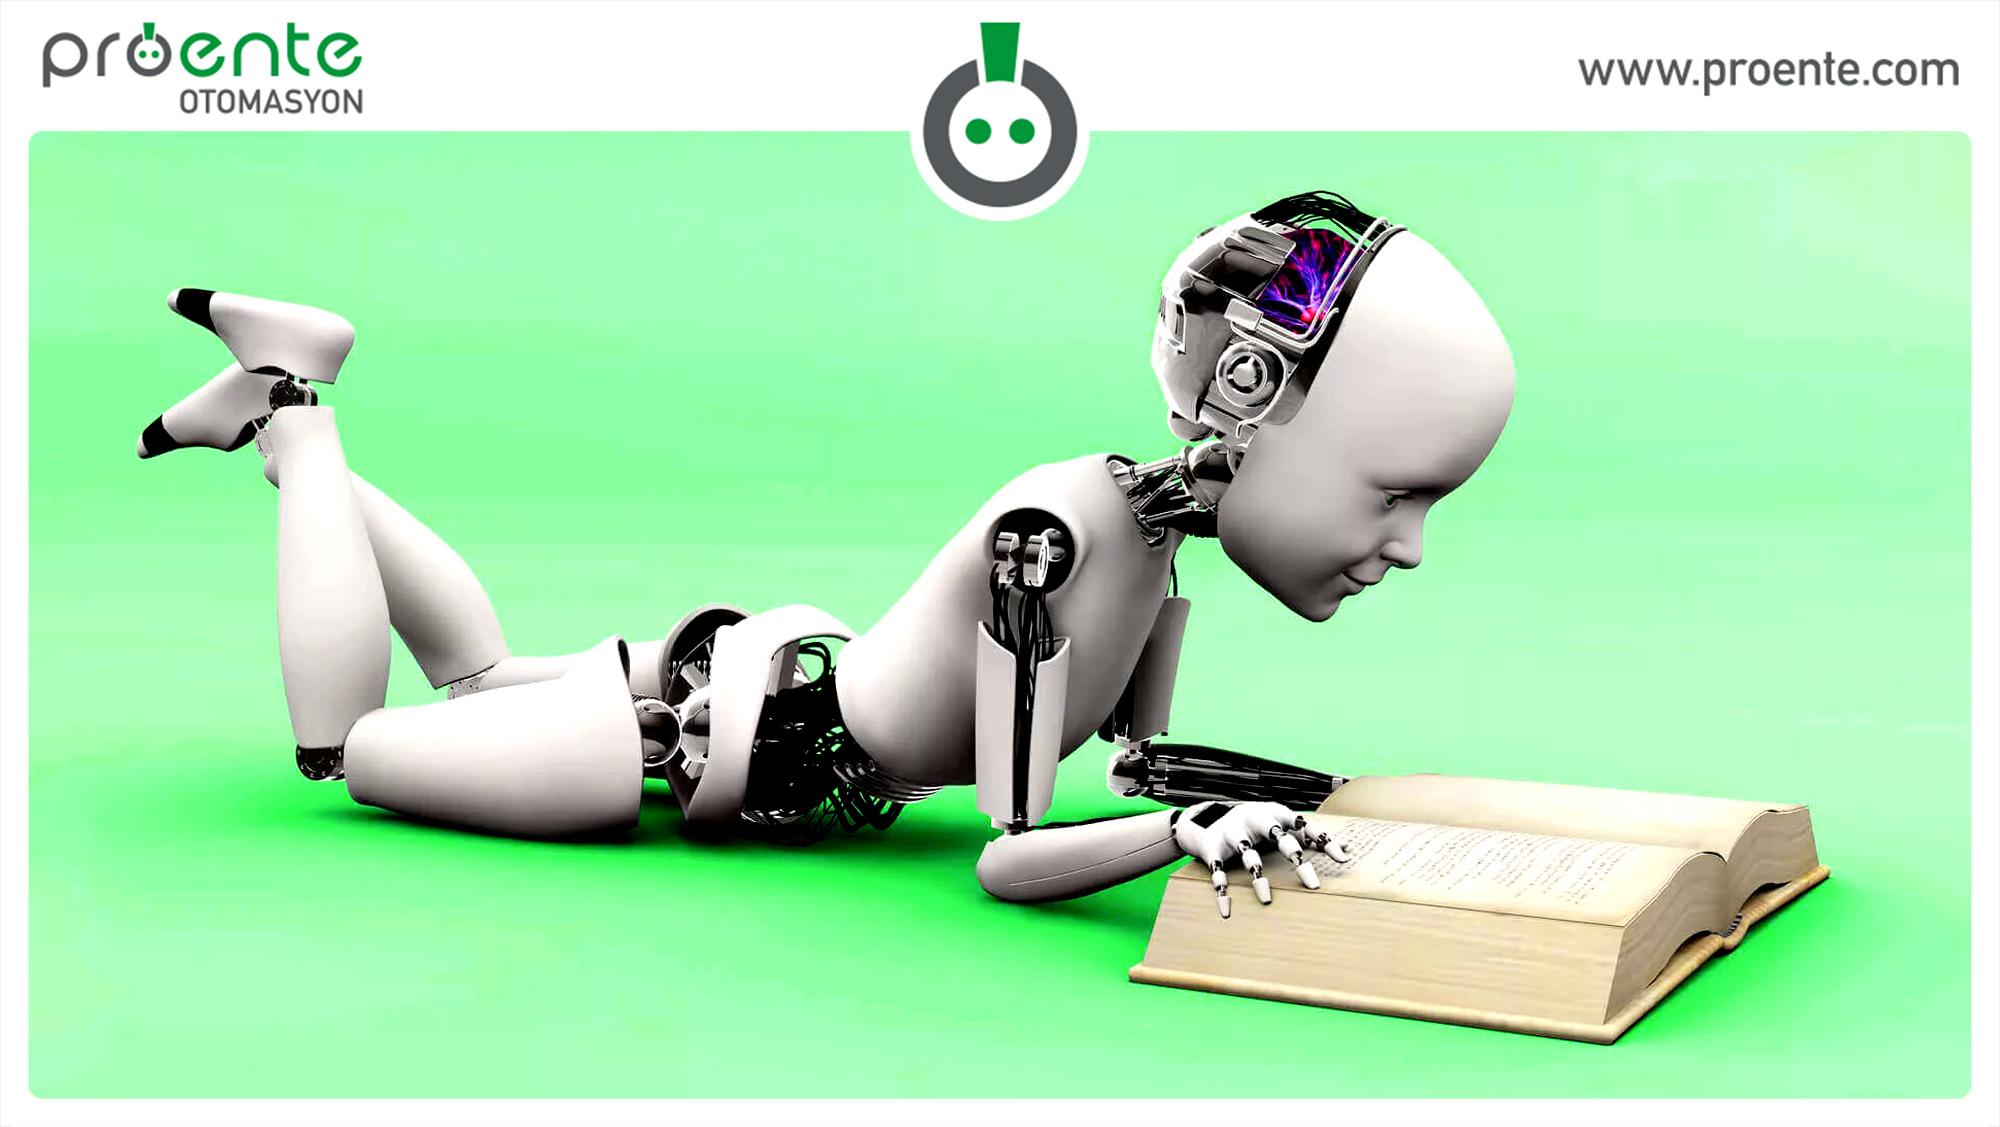 makine öğrenimi, gelecekte makine öğrenimi,